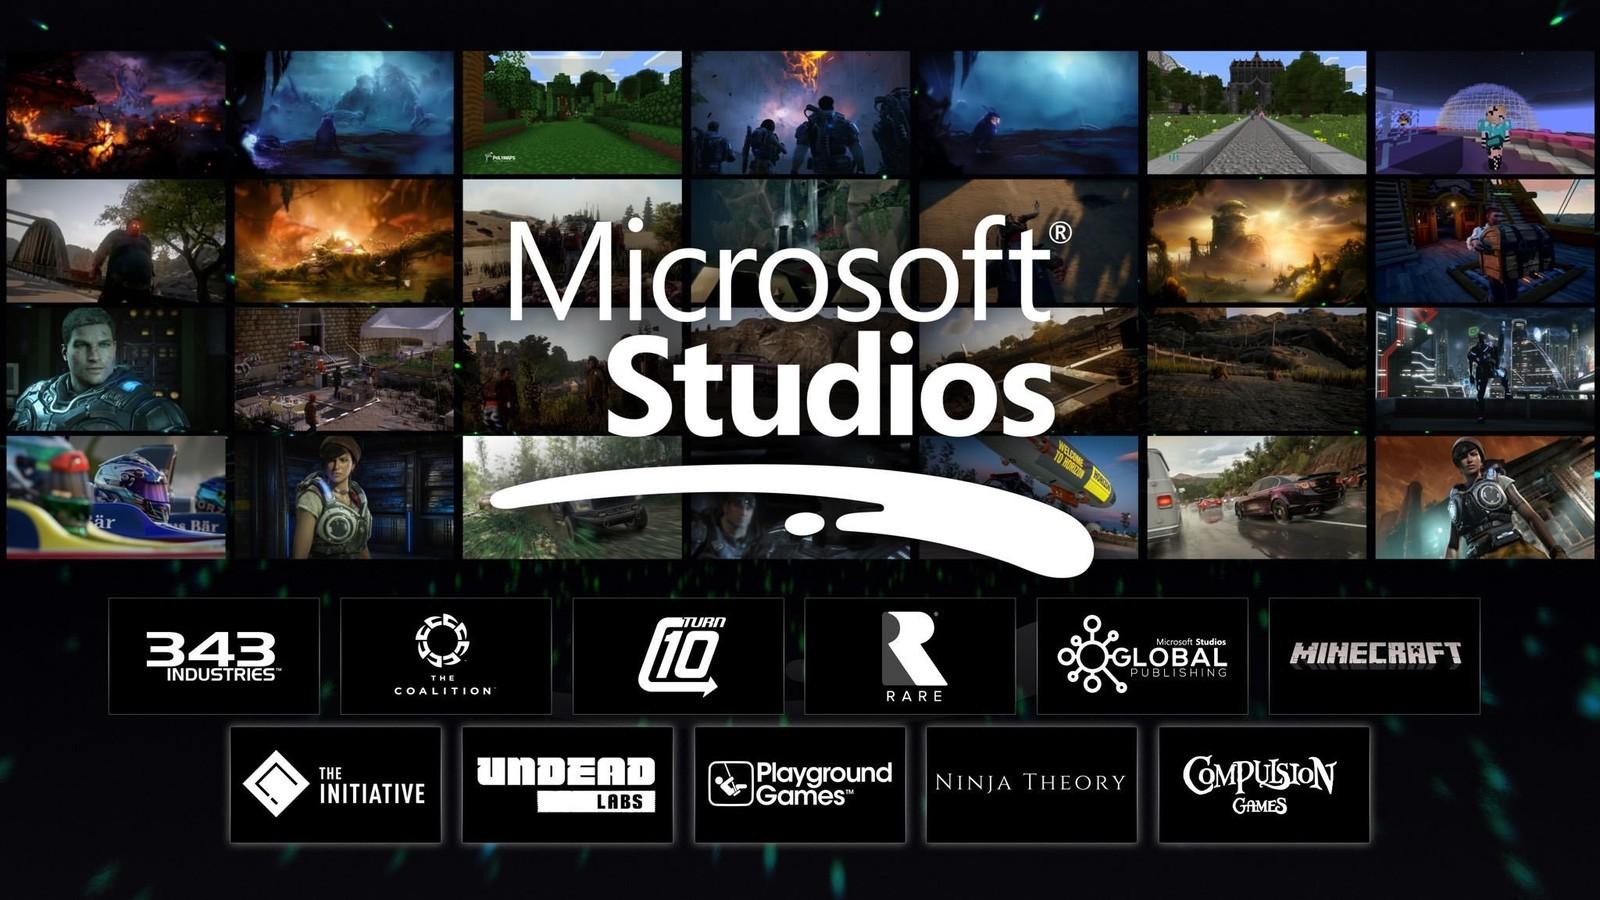 微软将为新收购的Xbox Exclusive工作室提供梦想预算